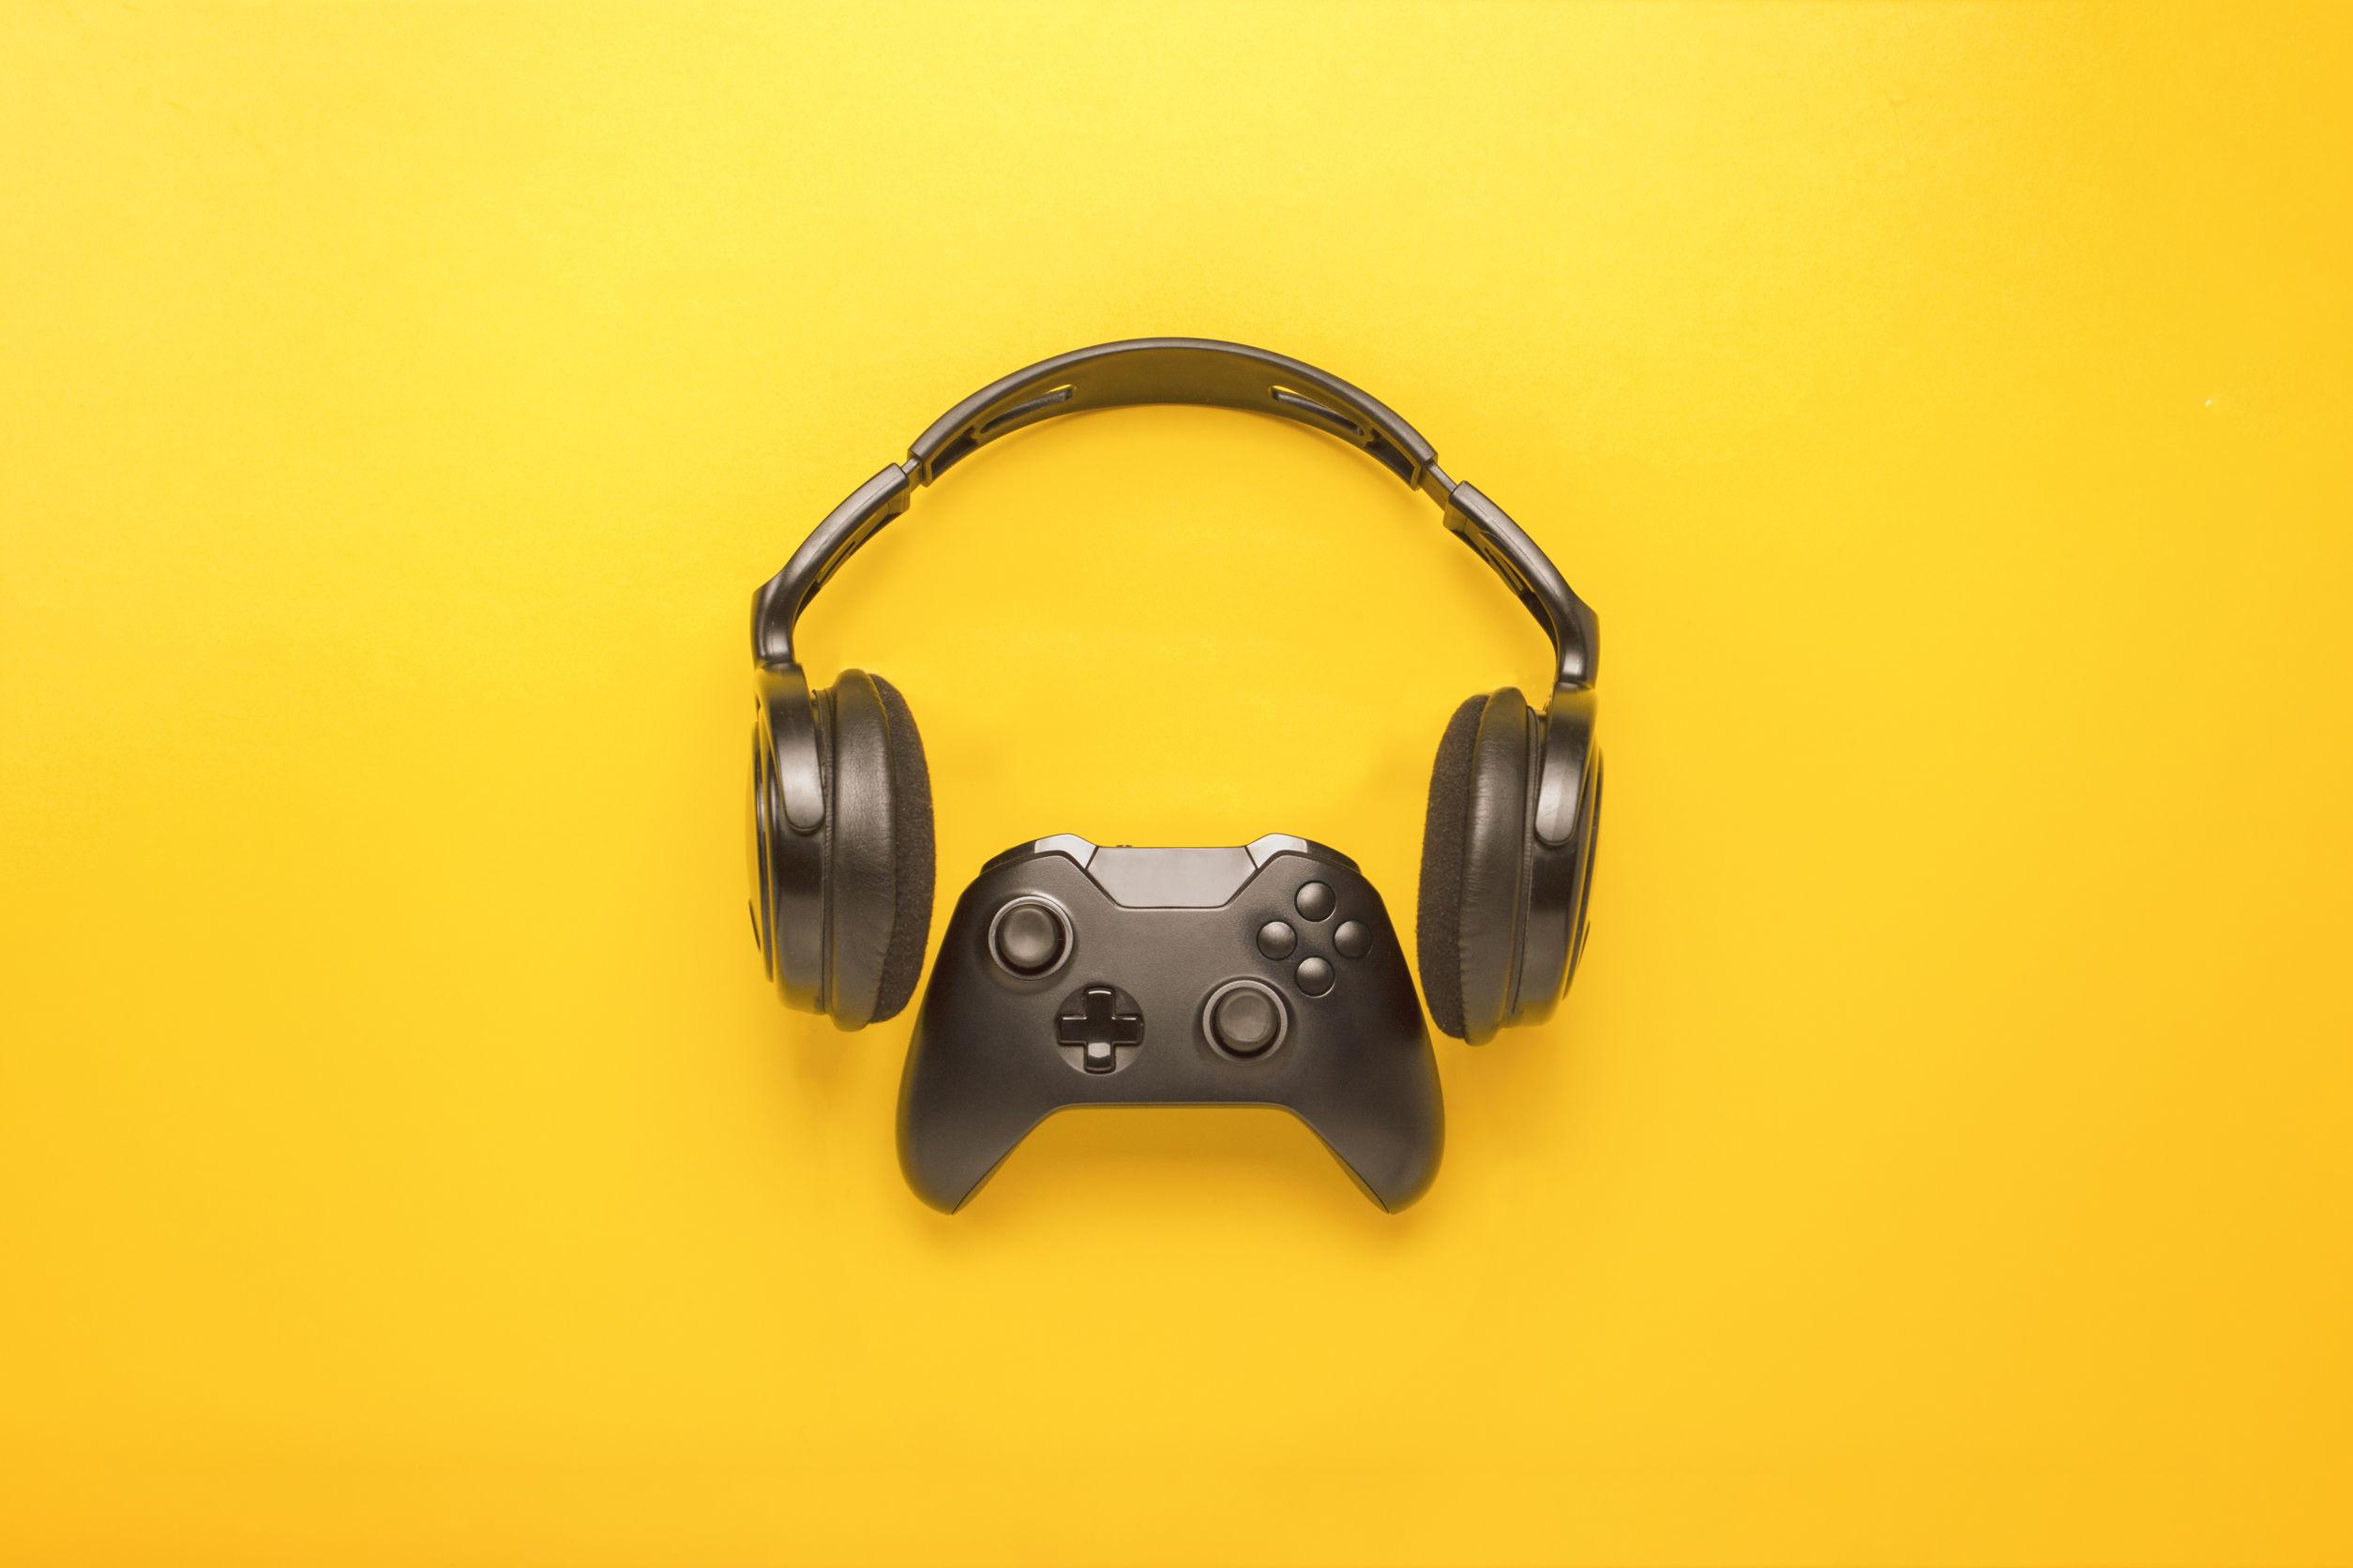 Audífonos gamer: ¿Cuáles son los mejores del 2021?